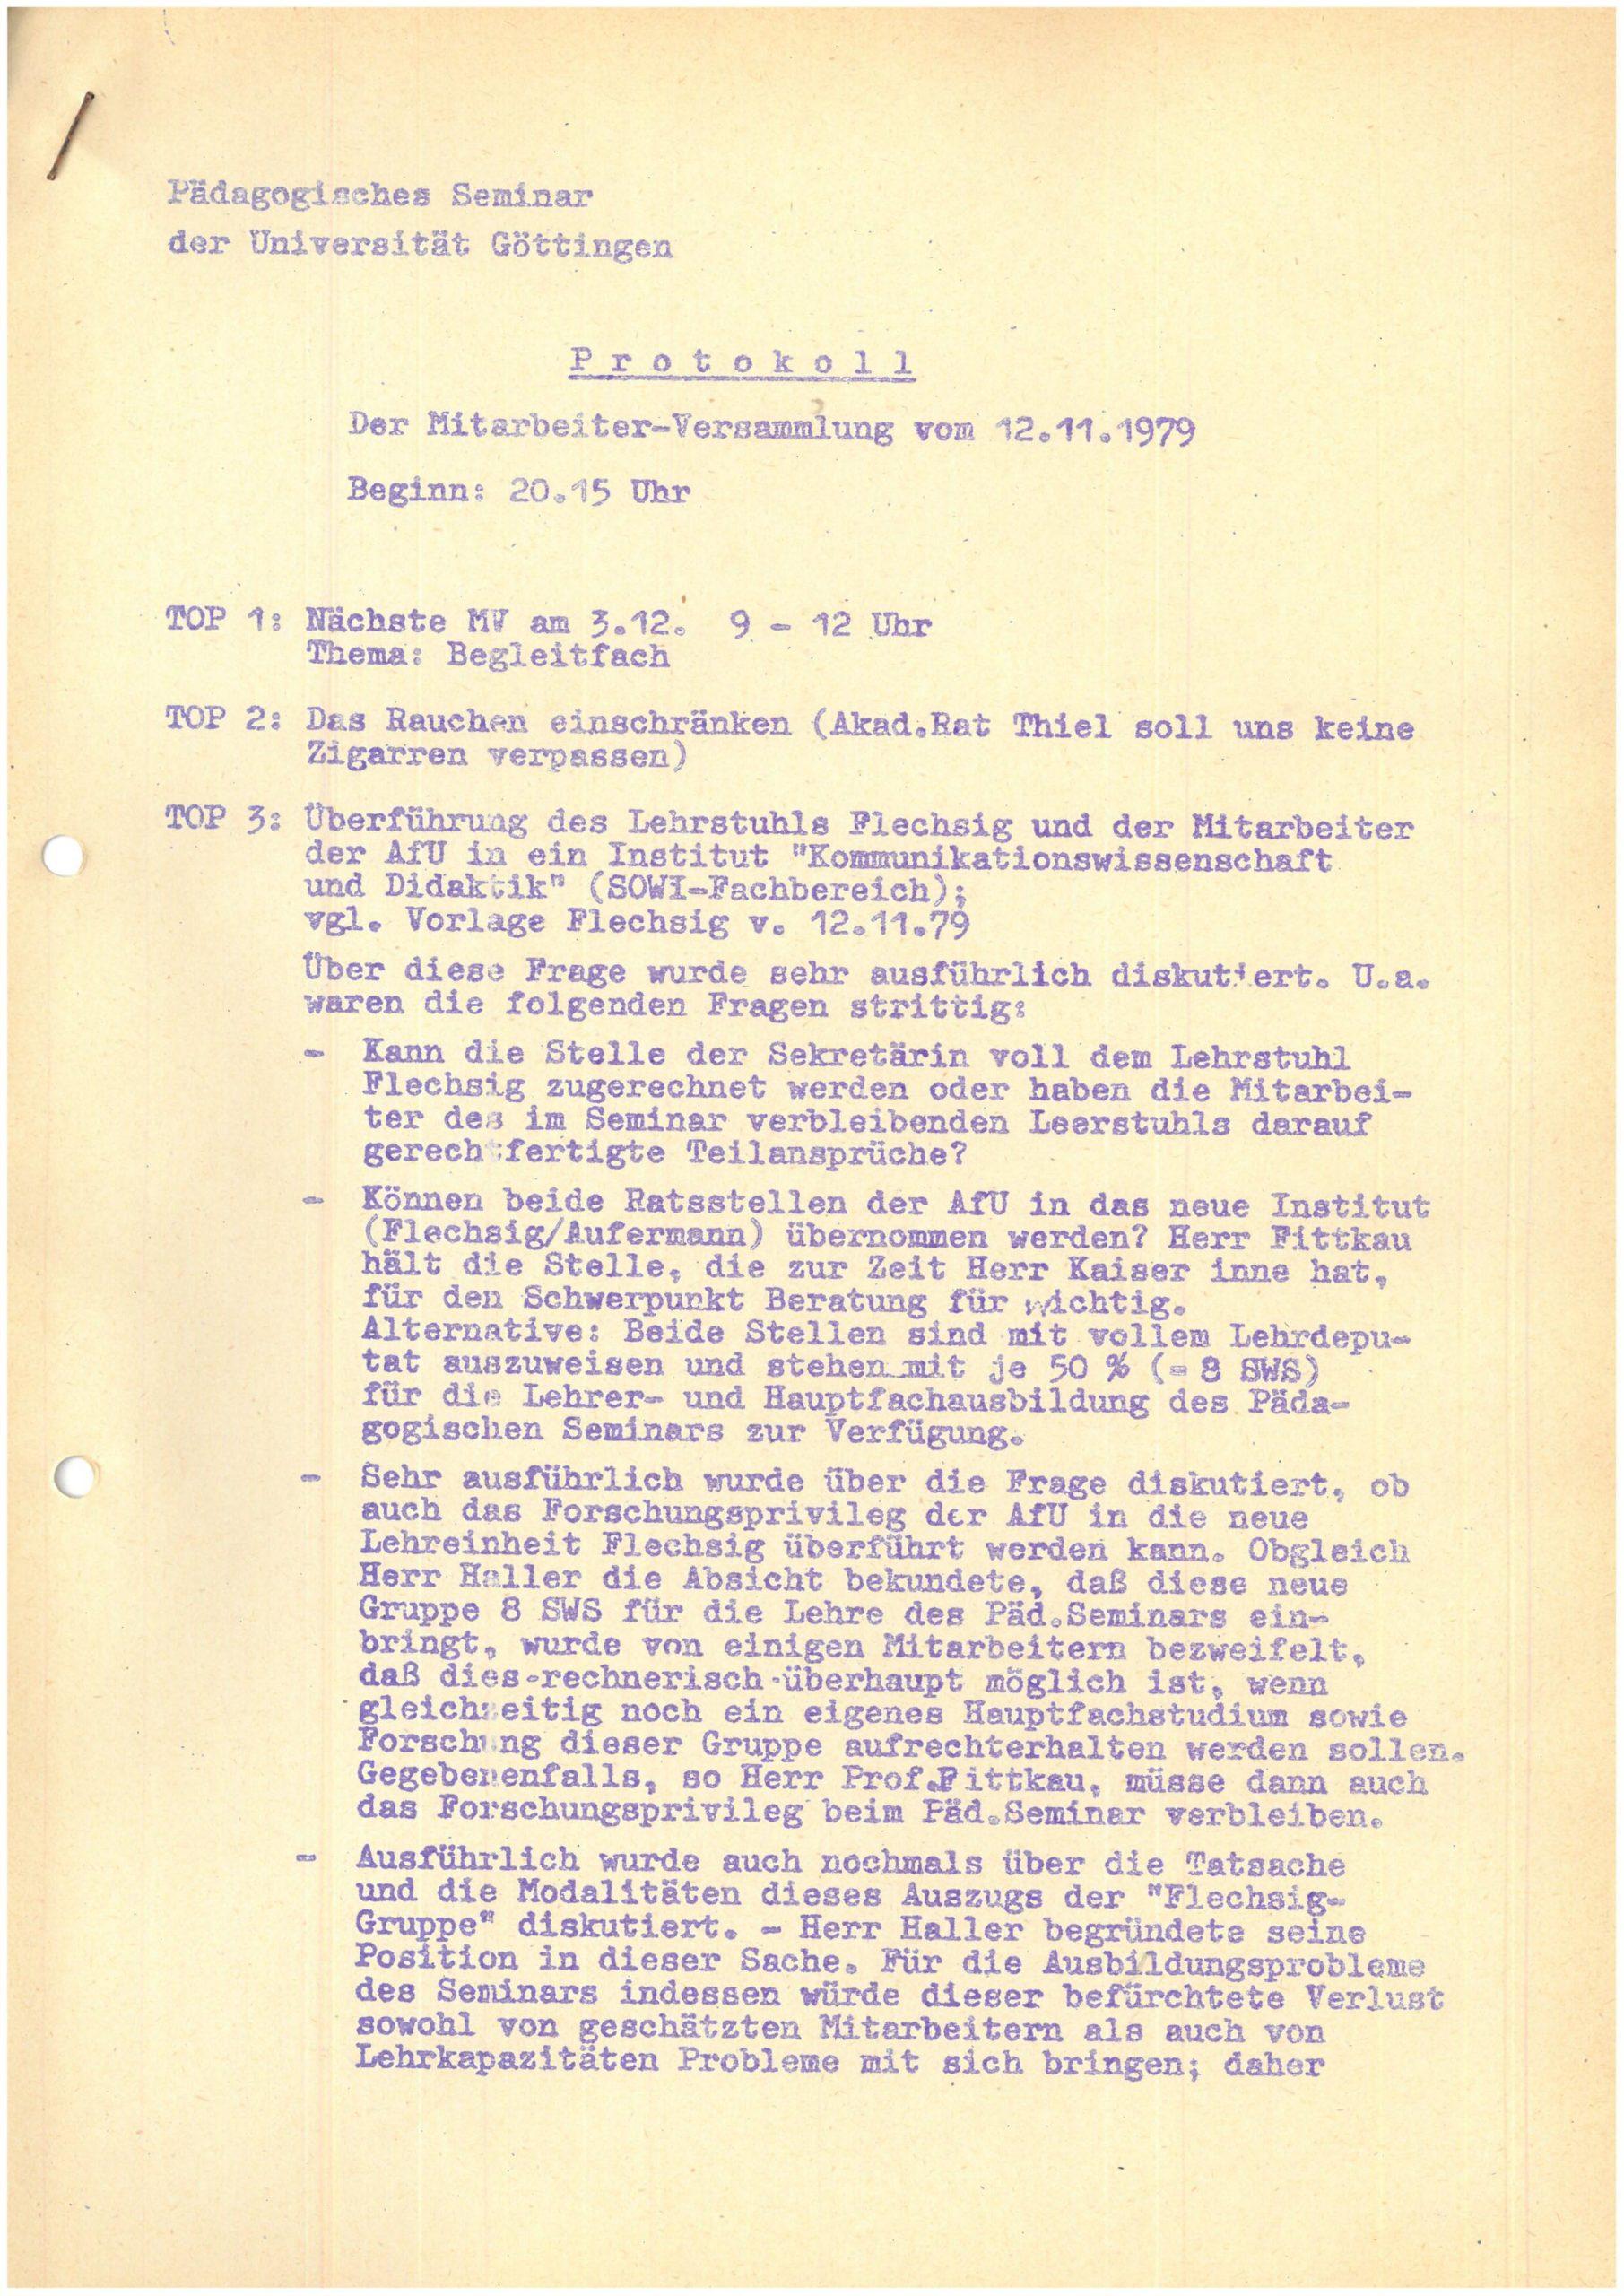 12.11.1979 Protokoll Mitarbeiterversammlung Rauchen